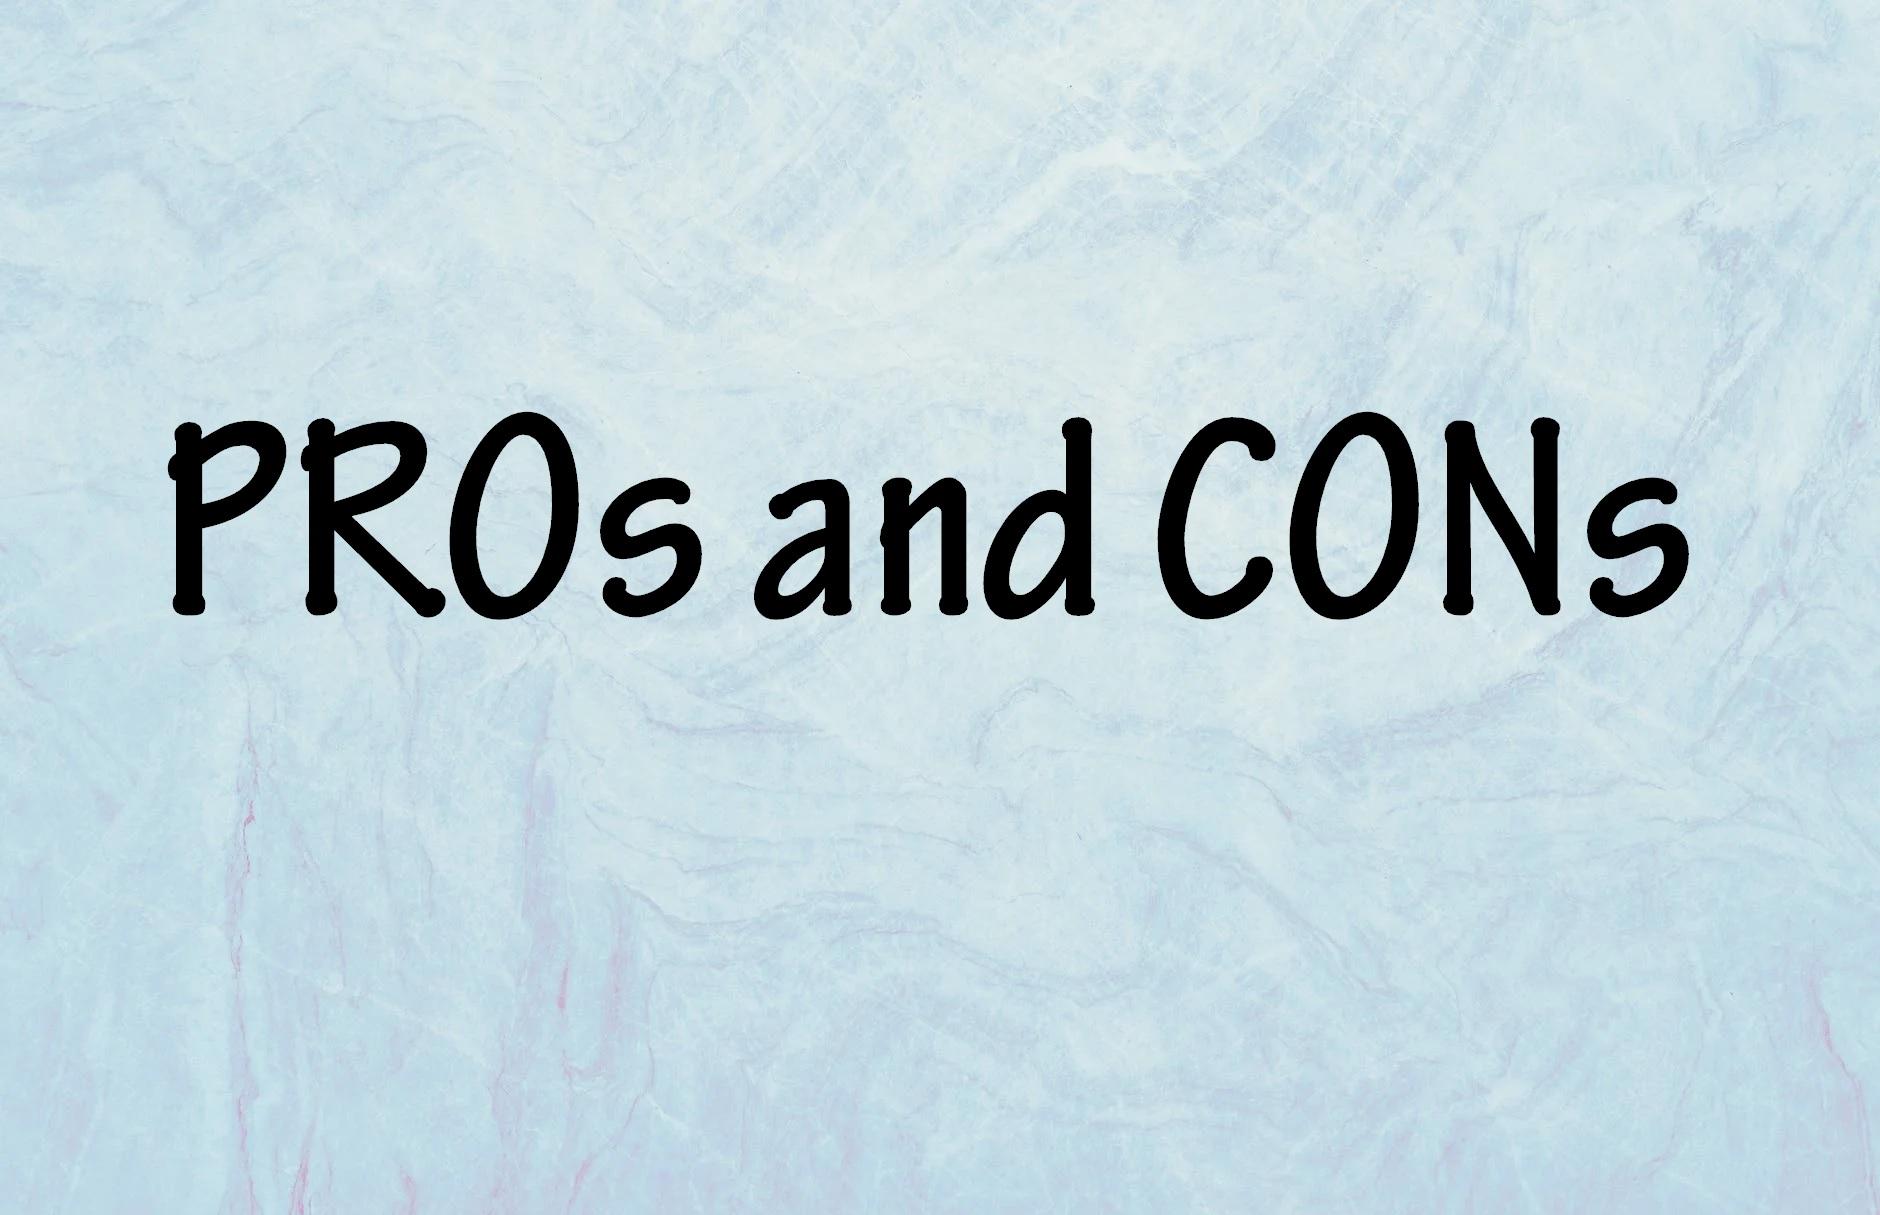 Fiber internet vs dsl pros and cons